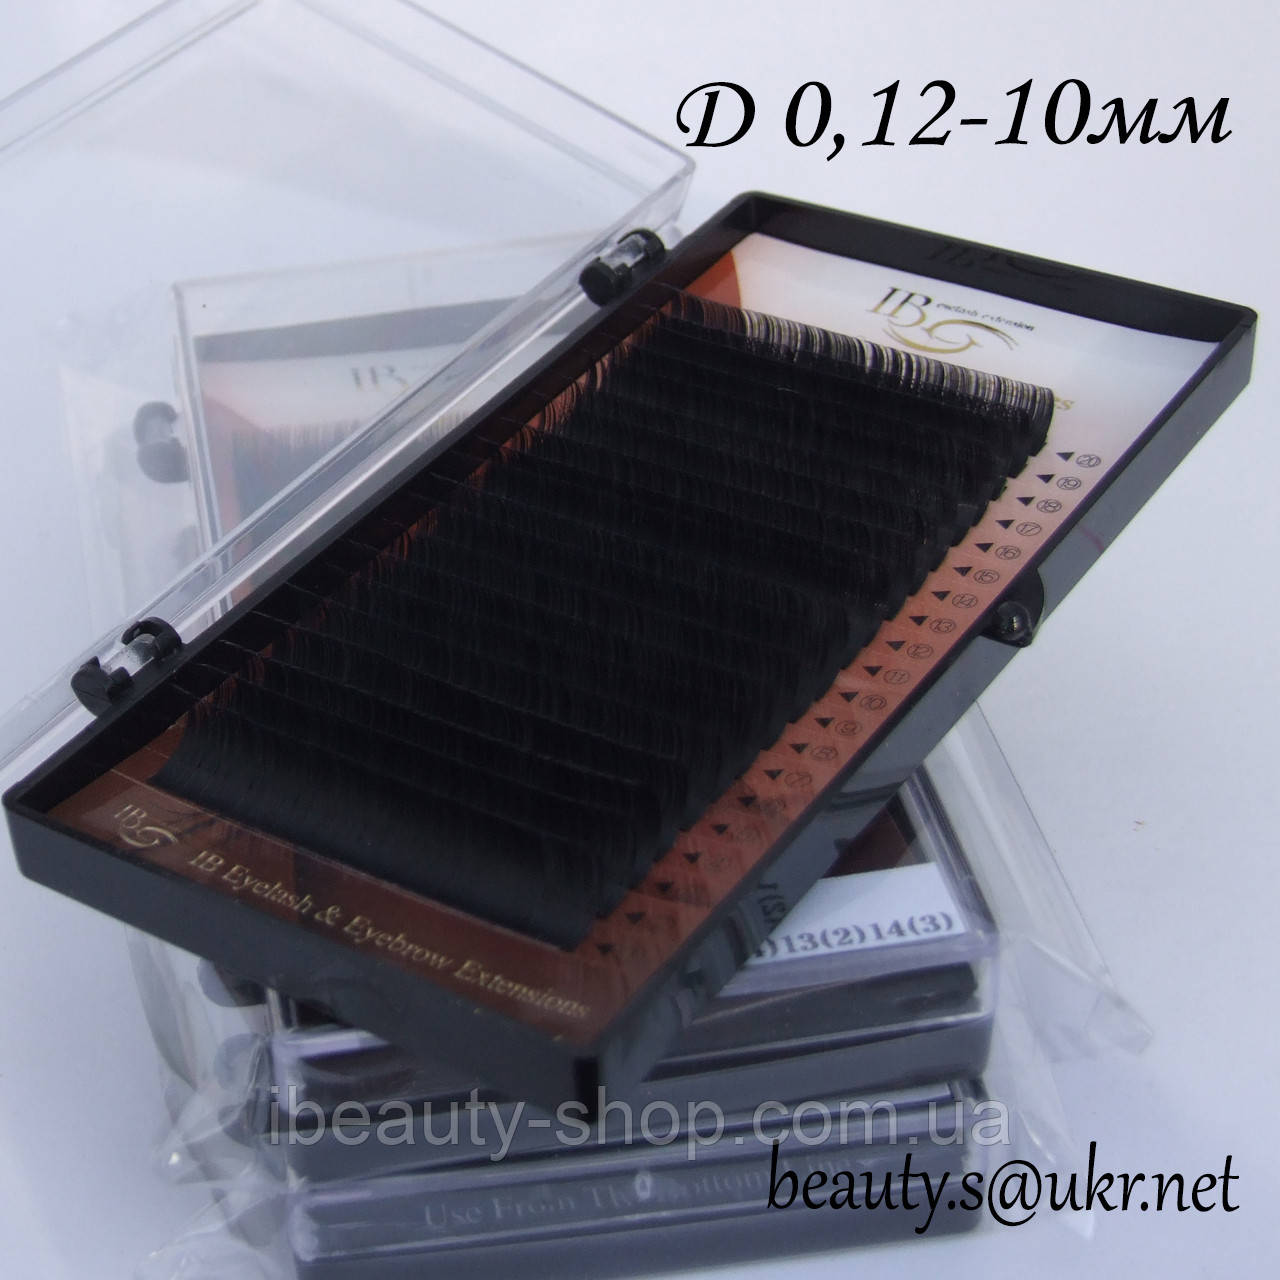 Вії I-Beauty на стрічці D-0,12 10мм